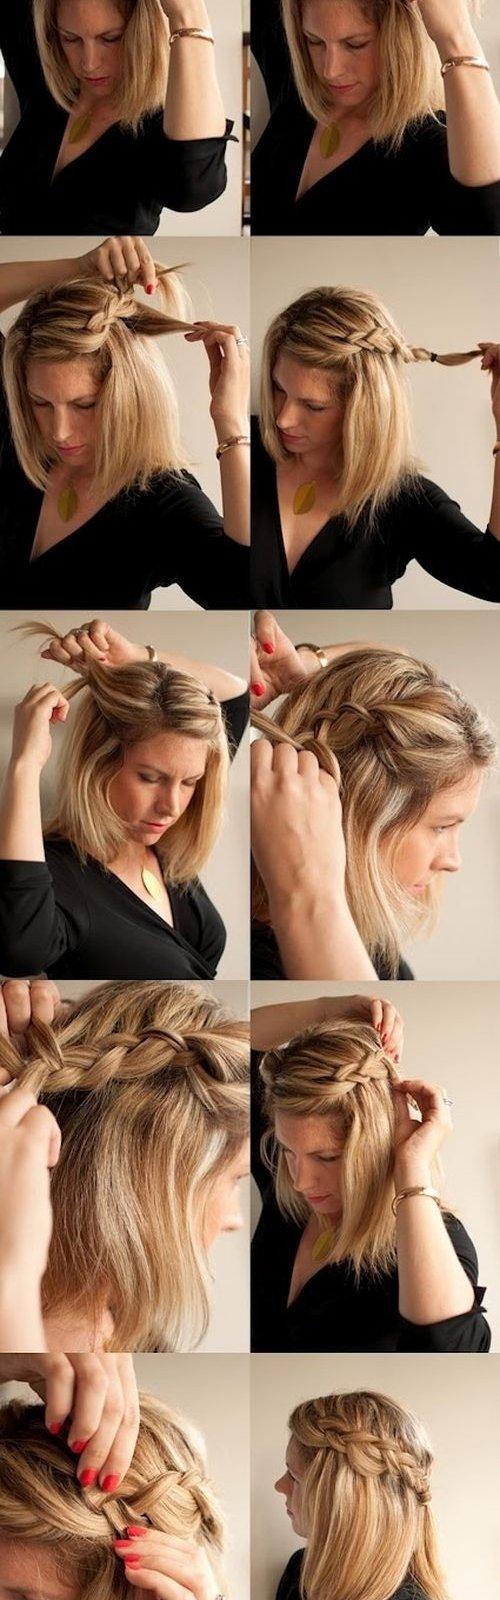 Какую прическу сделать на каре волосы